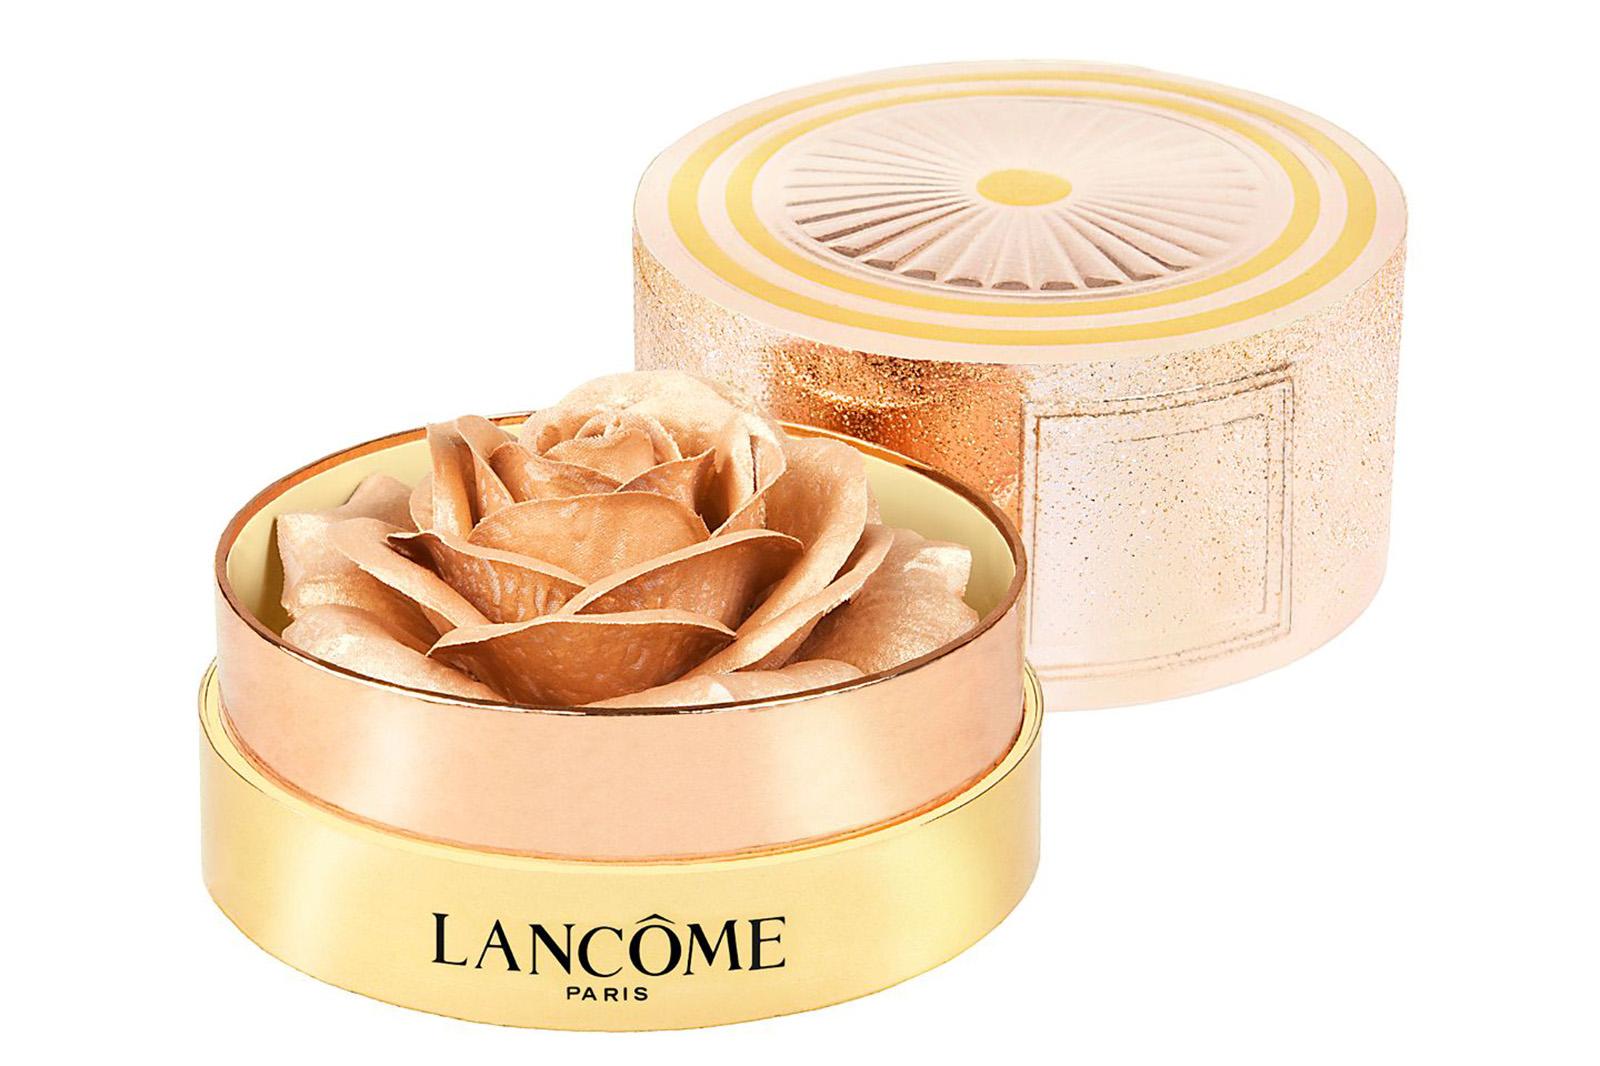 lancôme collection noel 2018 poudre rose